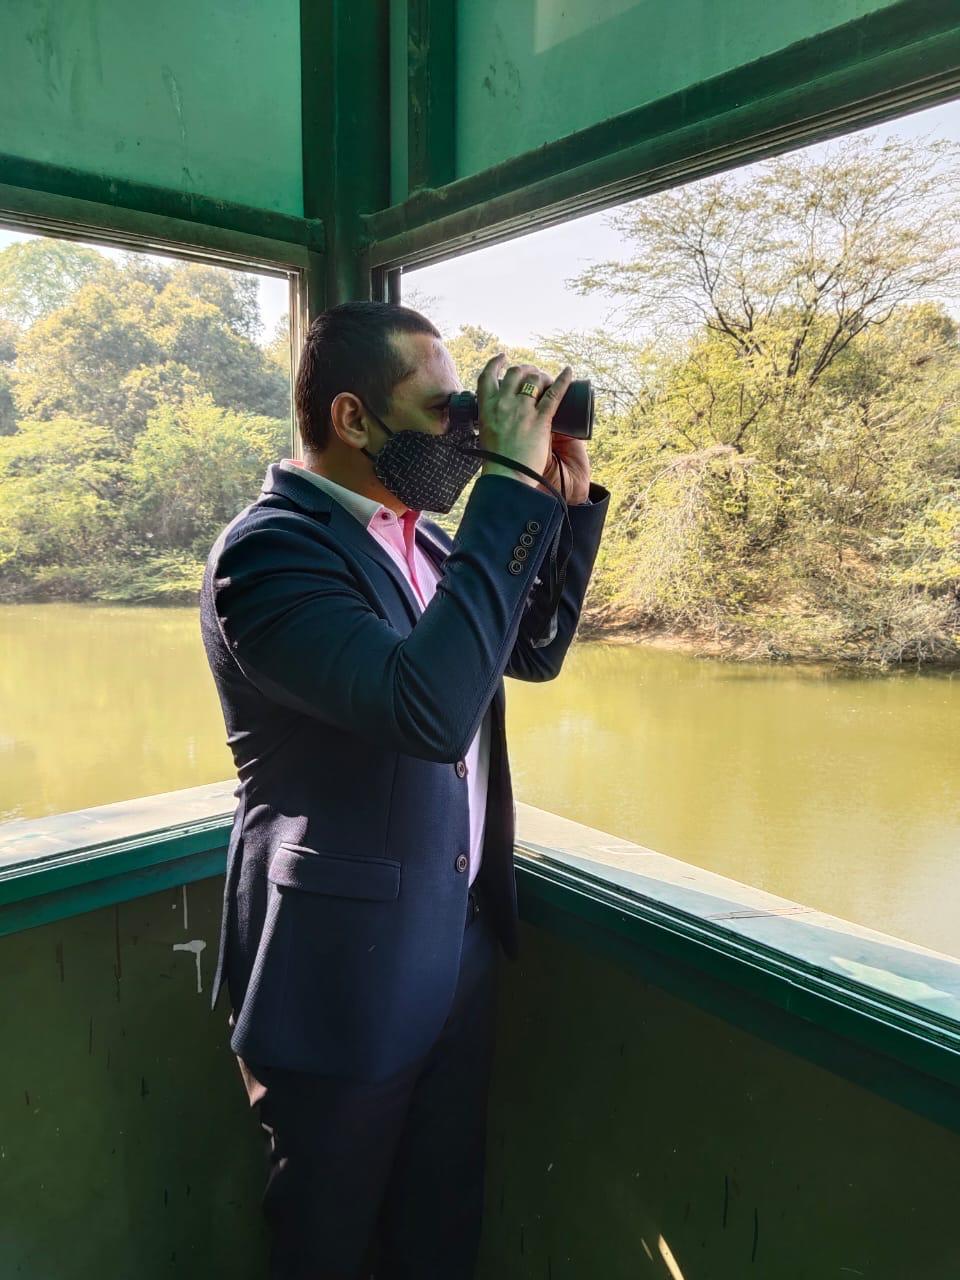 विश्व आर्द्रभूमि दिवस आज, कानपुर कमिश्नर ने किया वेटलैंड क्षेत्र का दौरा